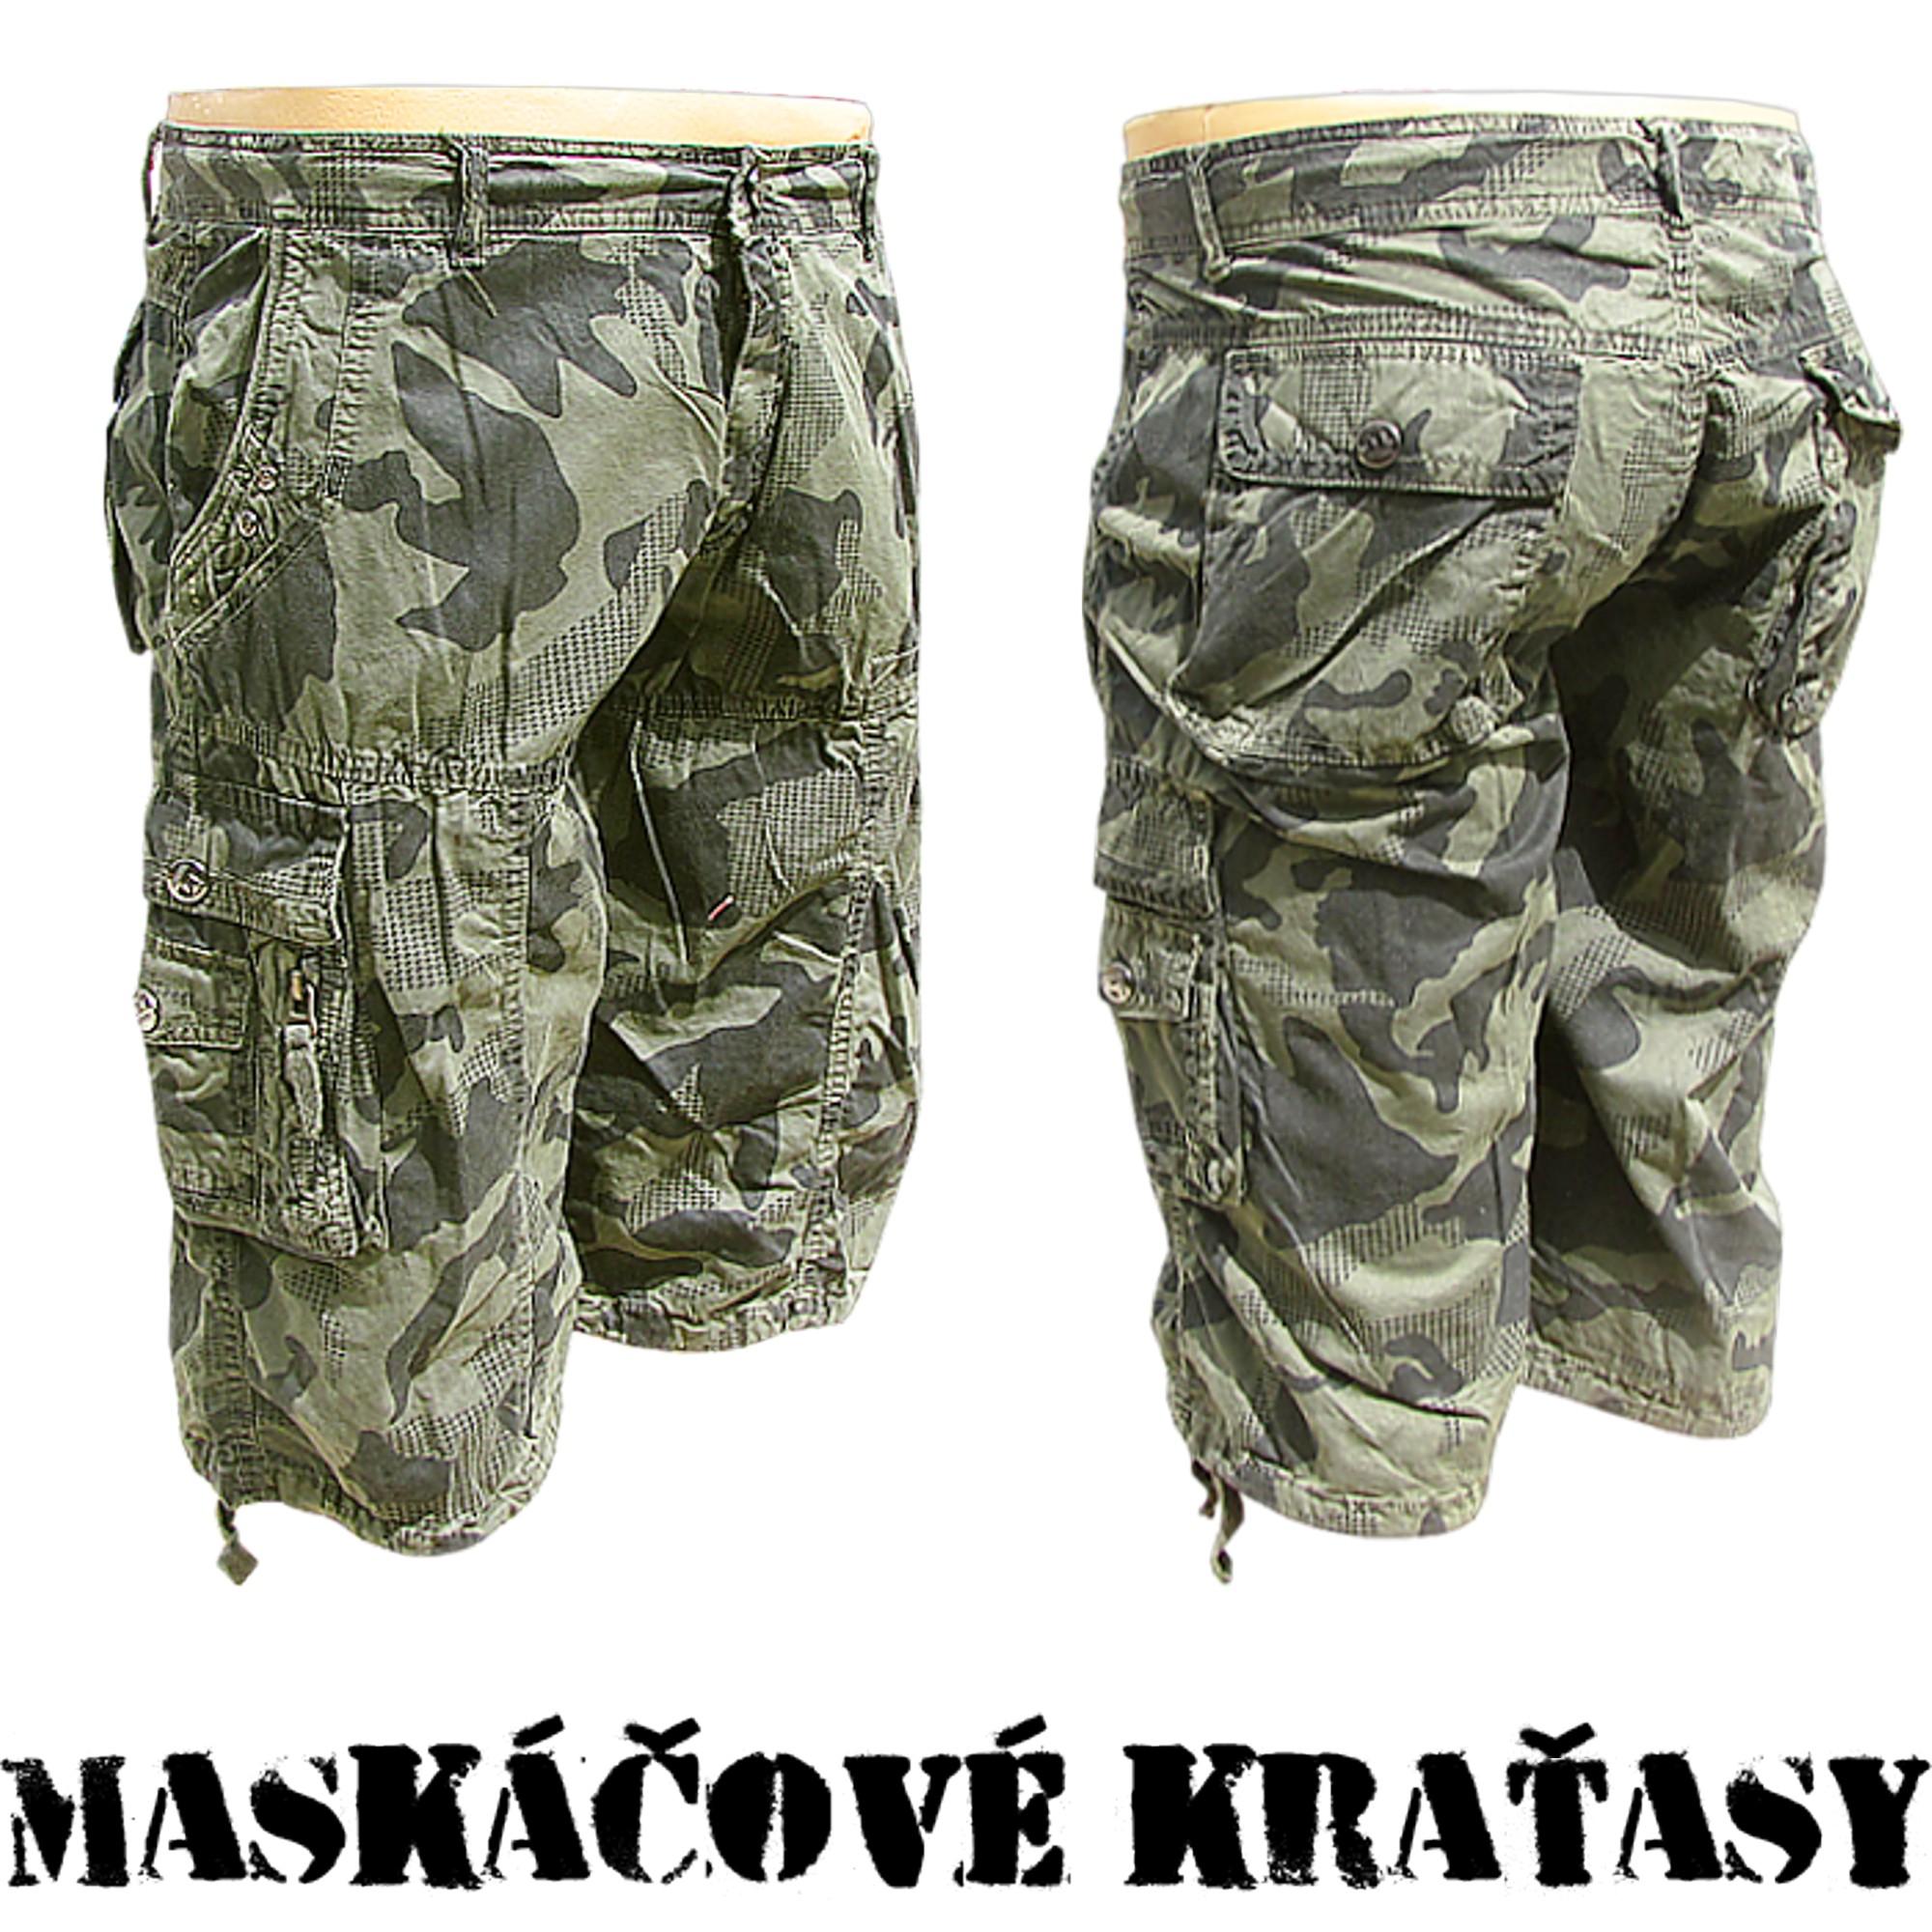 Pánske maskáčové kraťasy- online armyshop Kvalitné maskáčové kraťasy- super  cena online 5d7a1b8e0e6